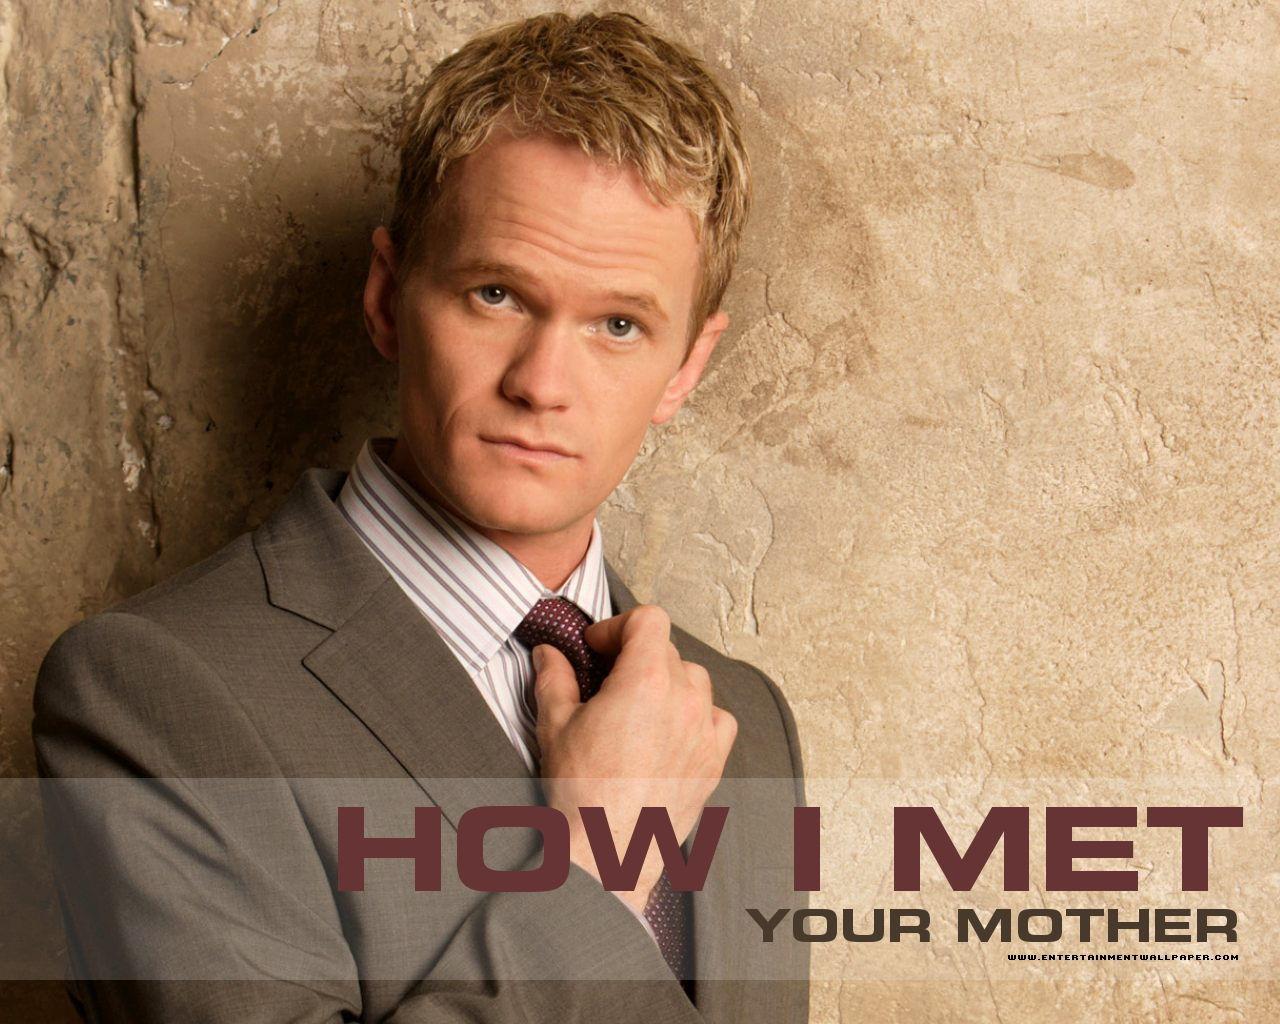 how i met your mother wallpaper hd 1280x1024